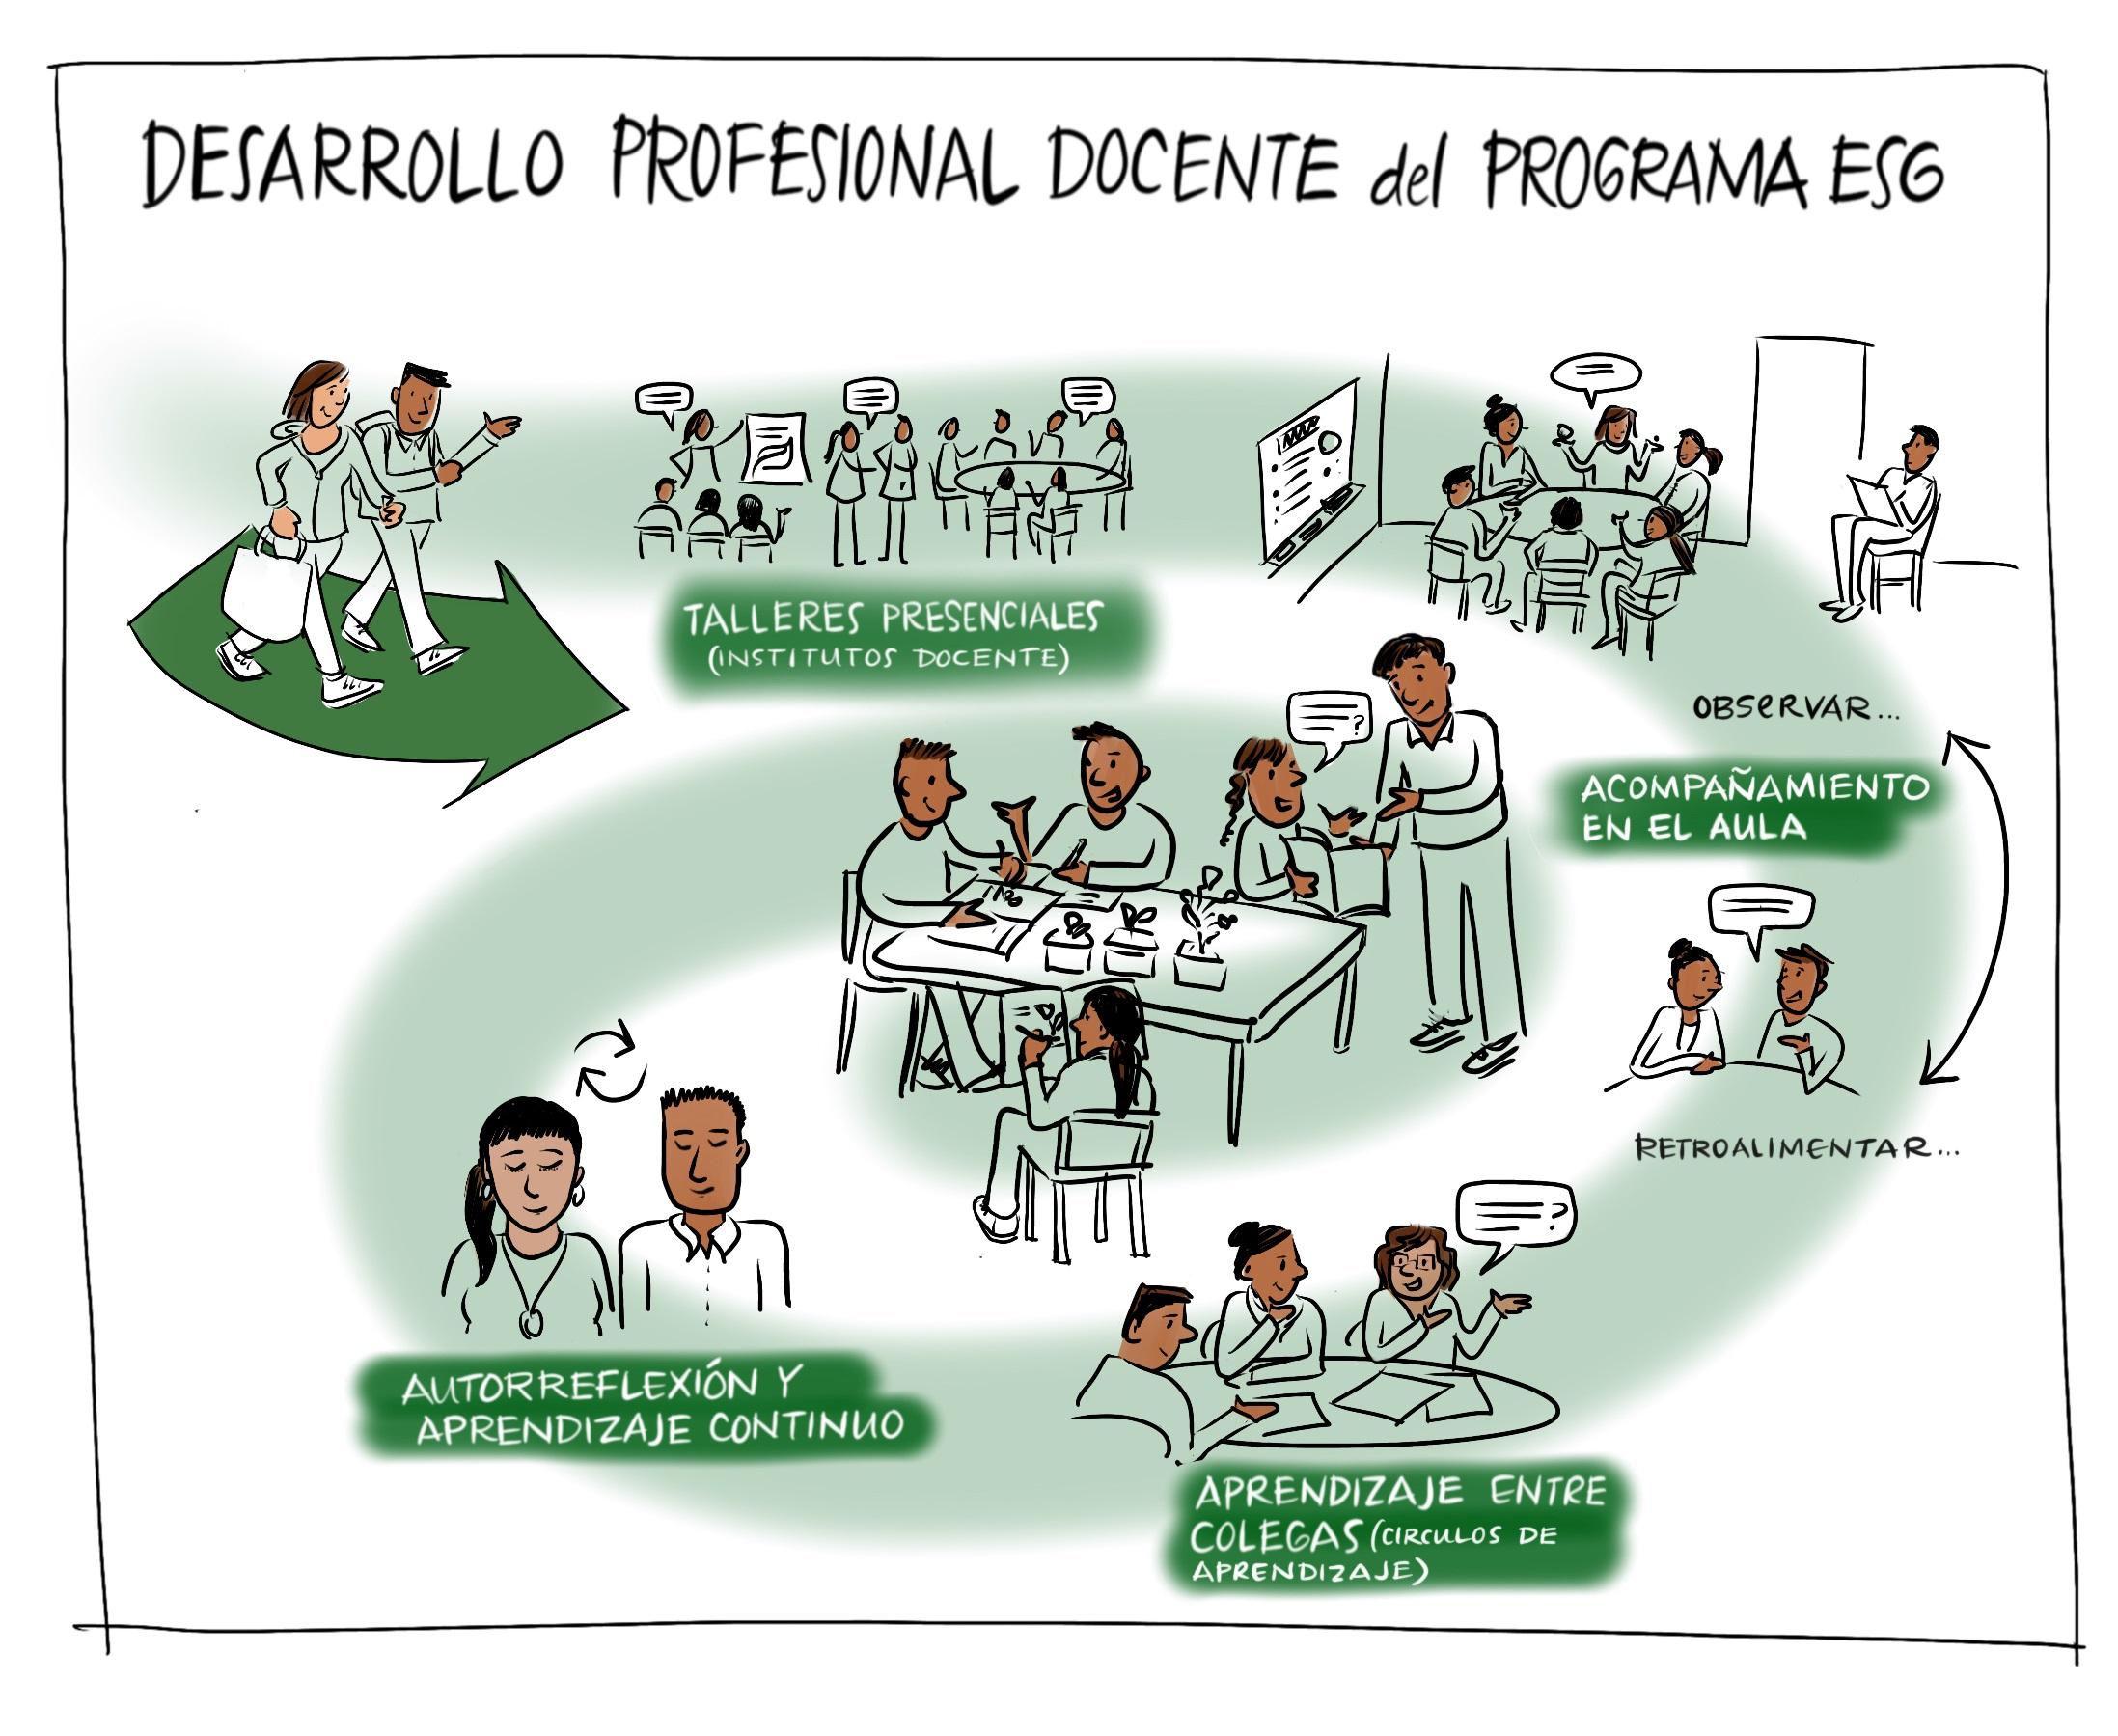 Figura 2 . El Programa de Educación para la Sostenibilidad en Galápagos (ESG) es único en cuanto a su ciclo continuo de talleres presenciales, acompañamiento en el aula, colaboración de los docentes y atención al liderazgo educativo. Crédito: Emily Shepard, Graphic Distillery